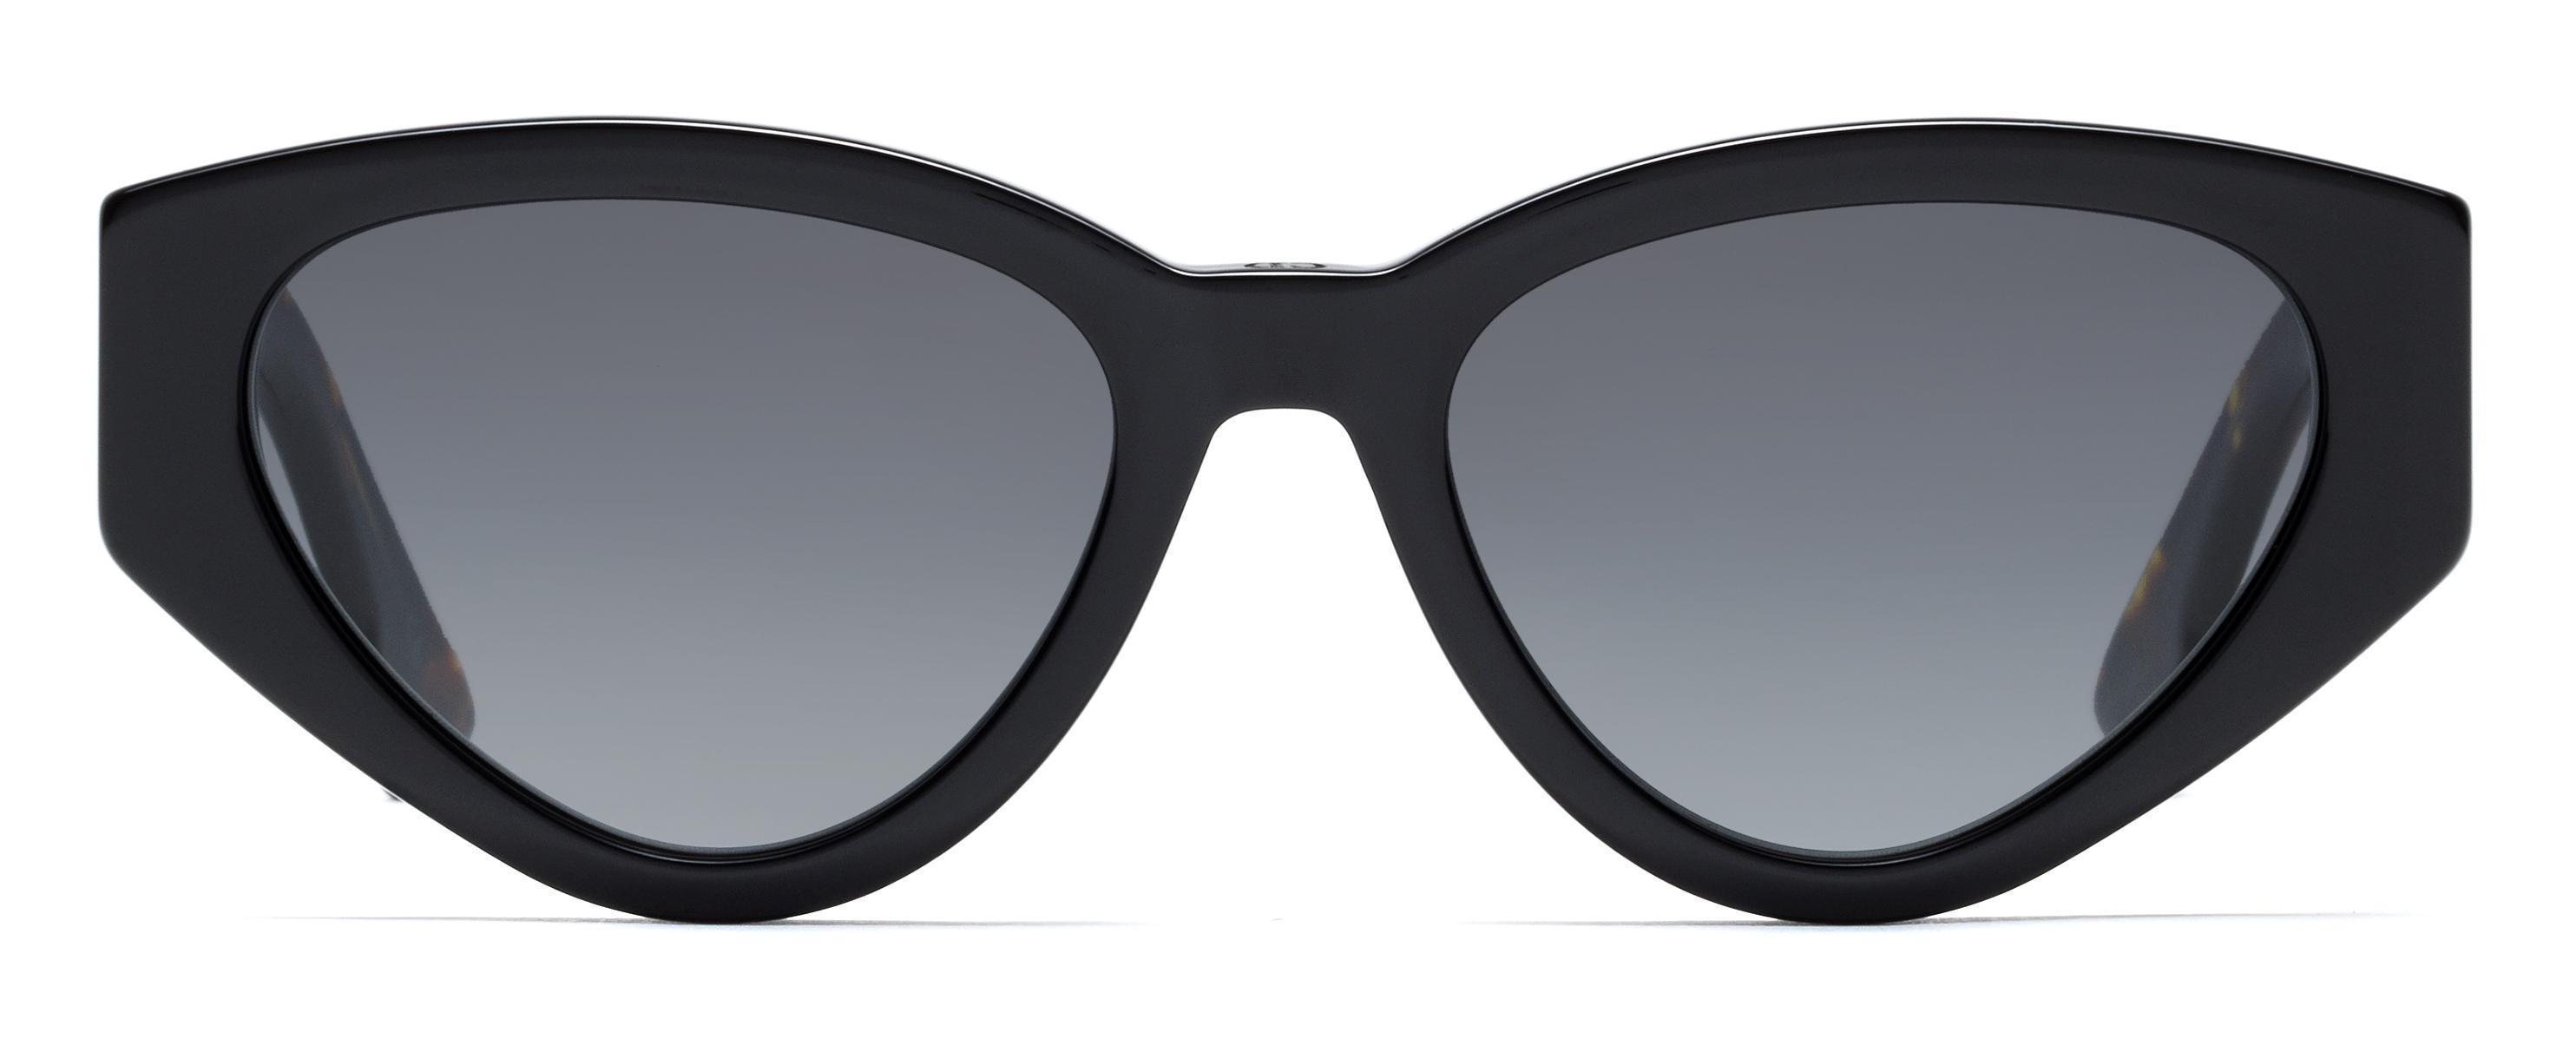 7d16fc6f92 Dior Dior Spirit2 Cat Eye Sunglasses in Black - Save 1% - Lyst